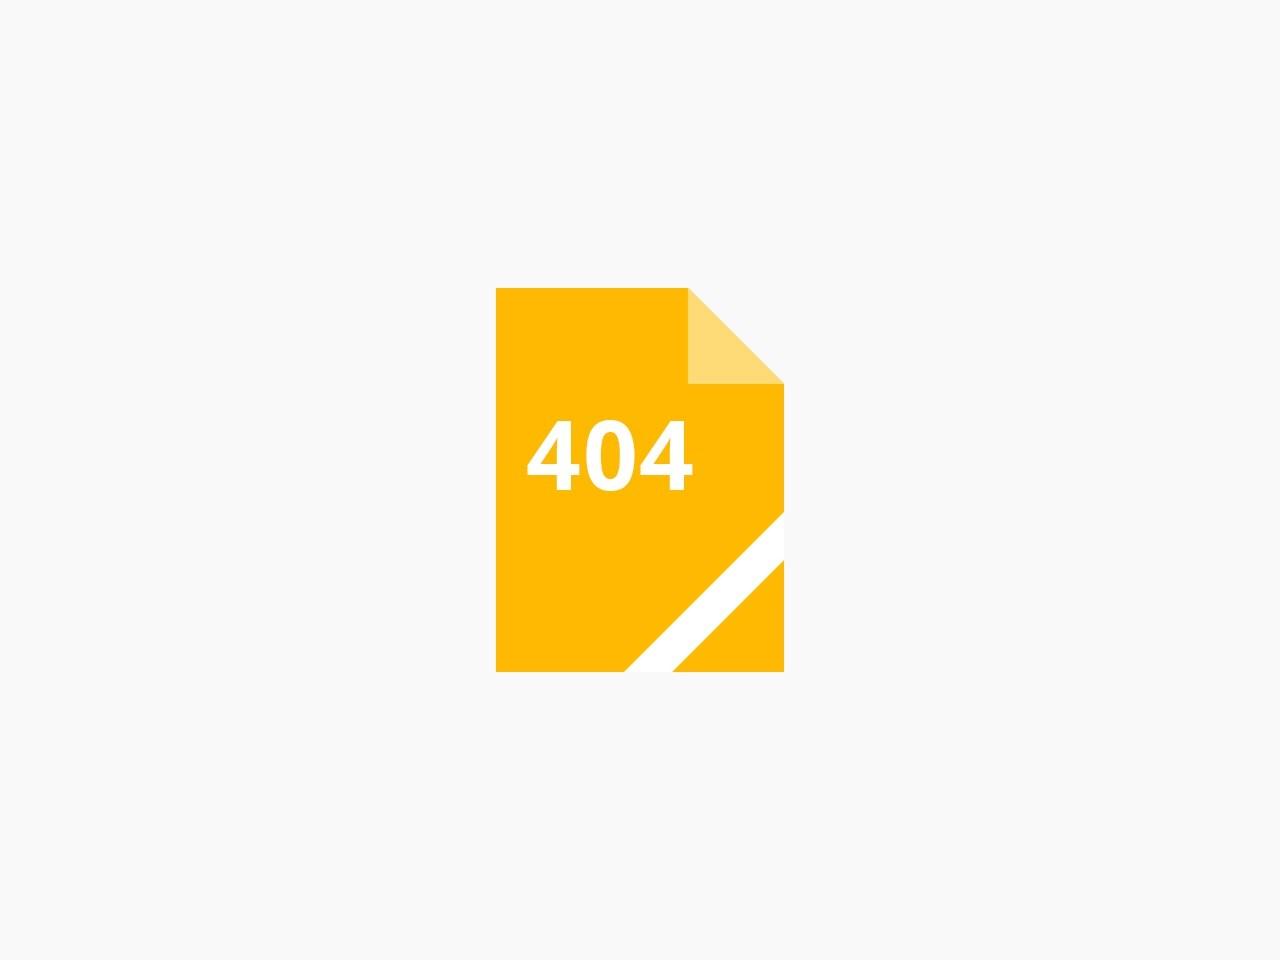 横县网截图